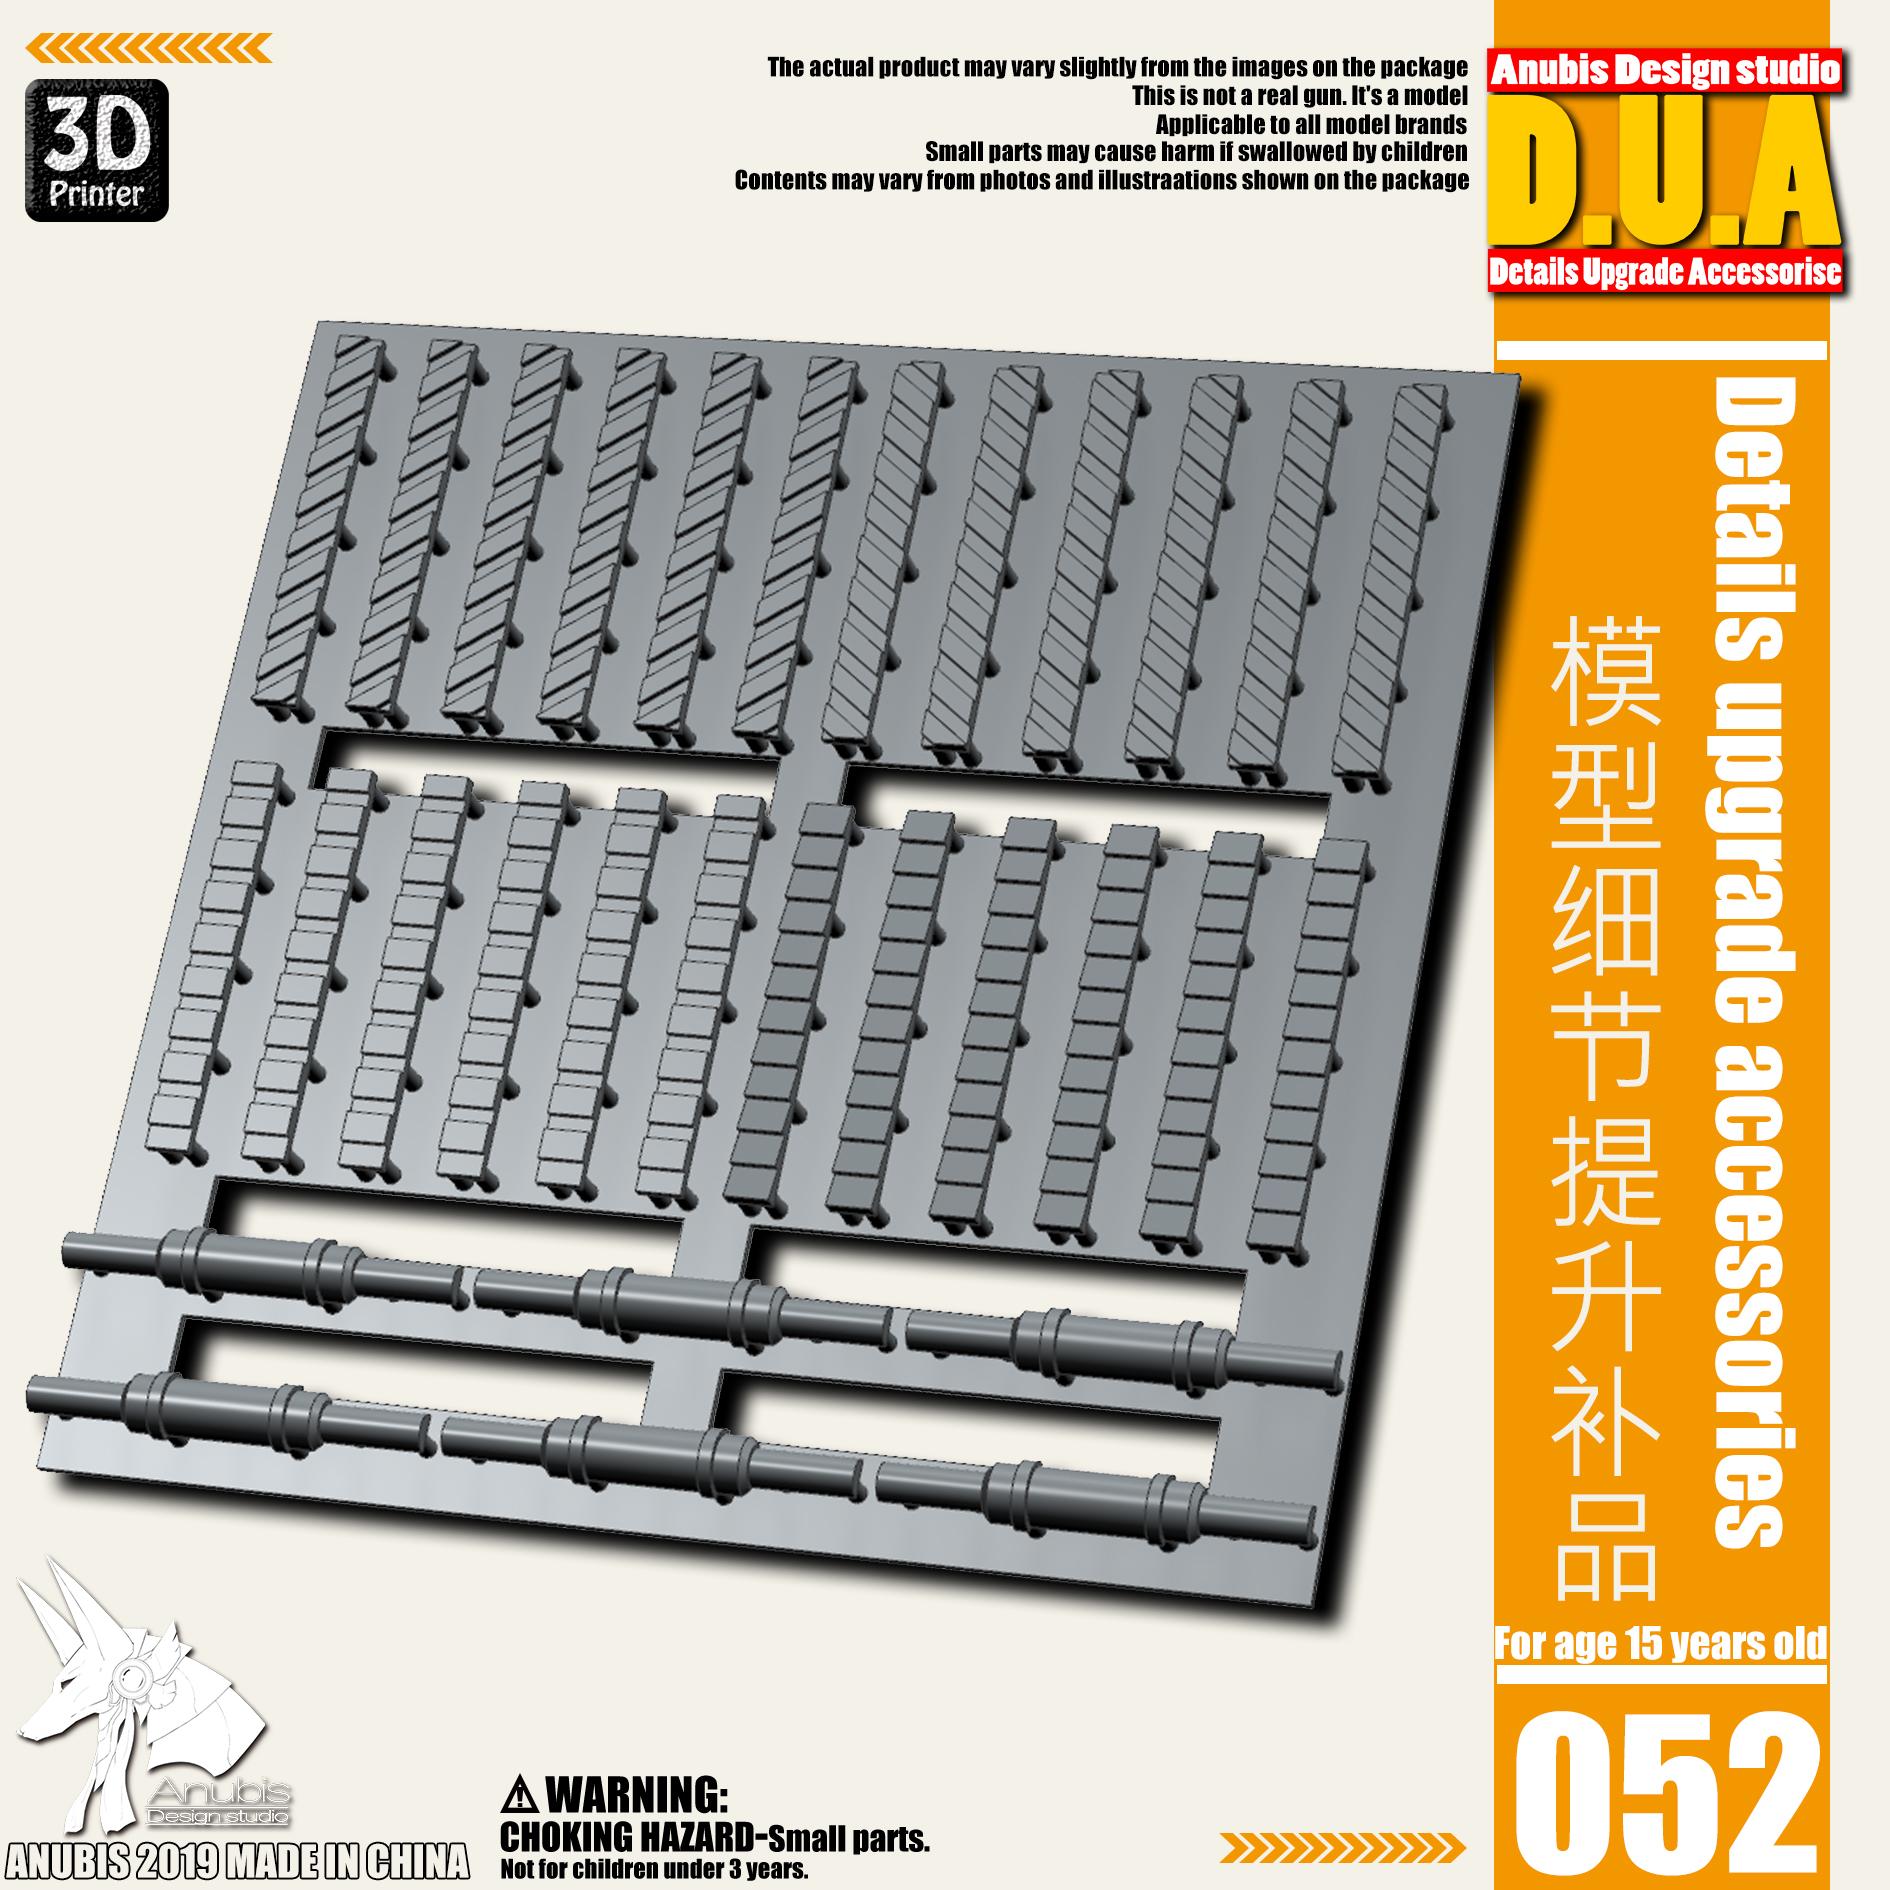 G413_DUA052_001.jpg